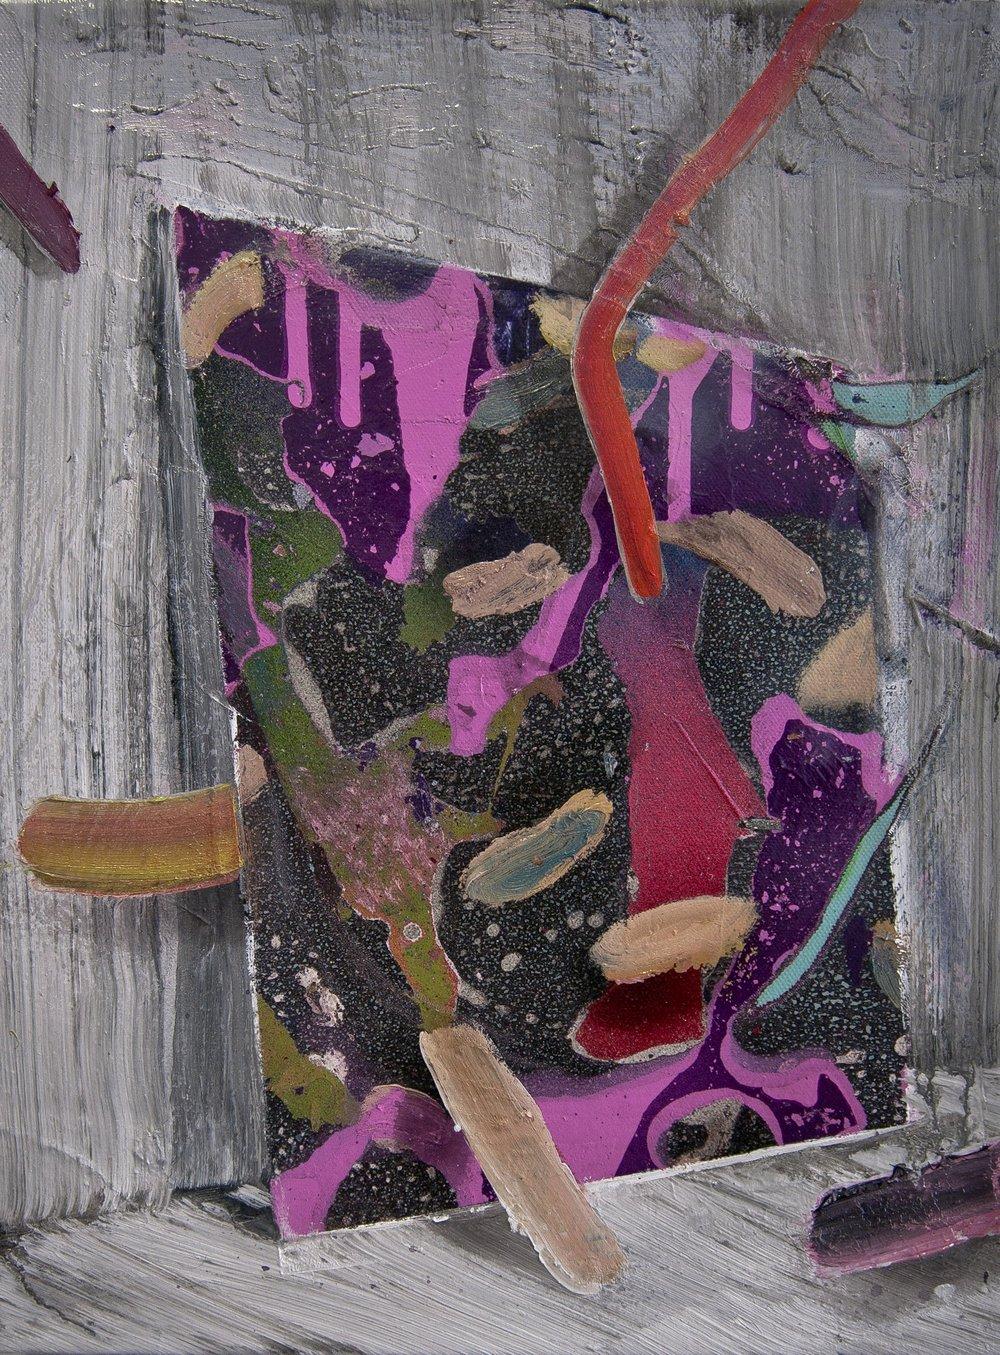 Becker_Schmitz-Die_Farbfrequenz-40x30cm- 2015-oil_canvas.jpg